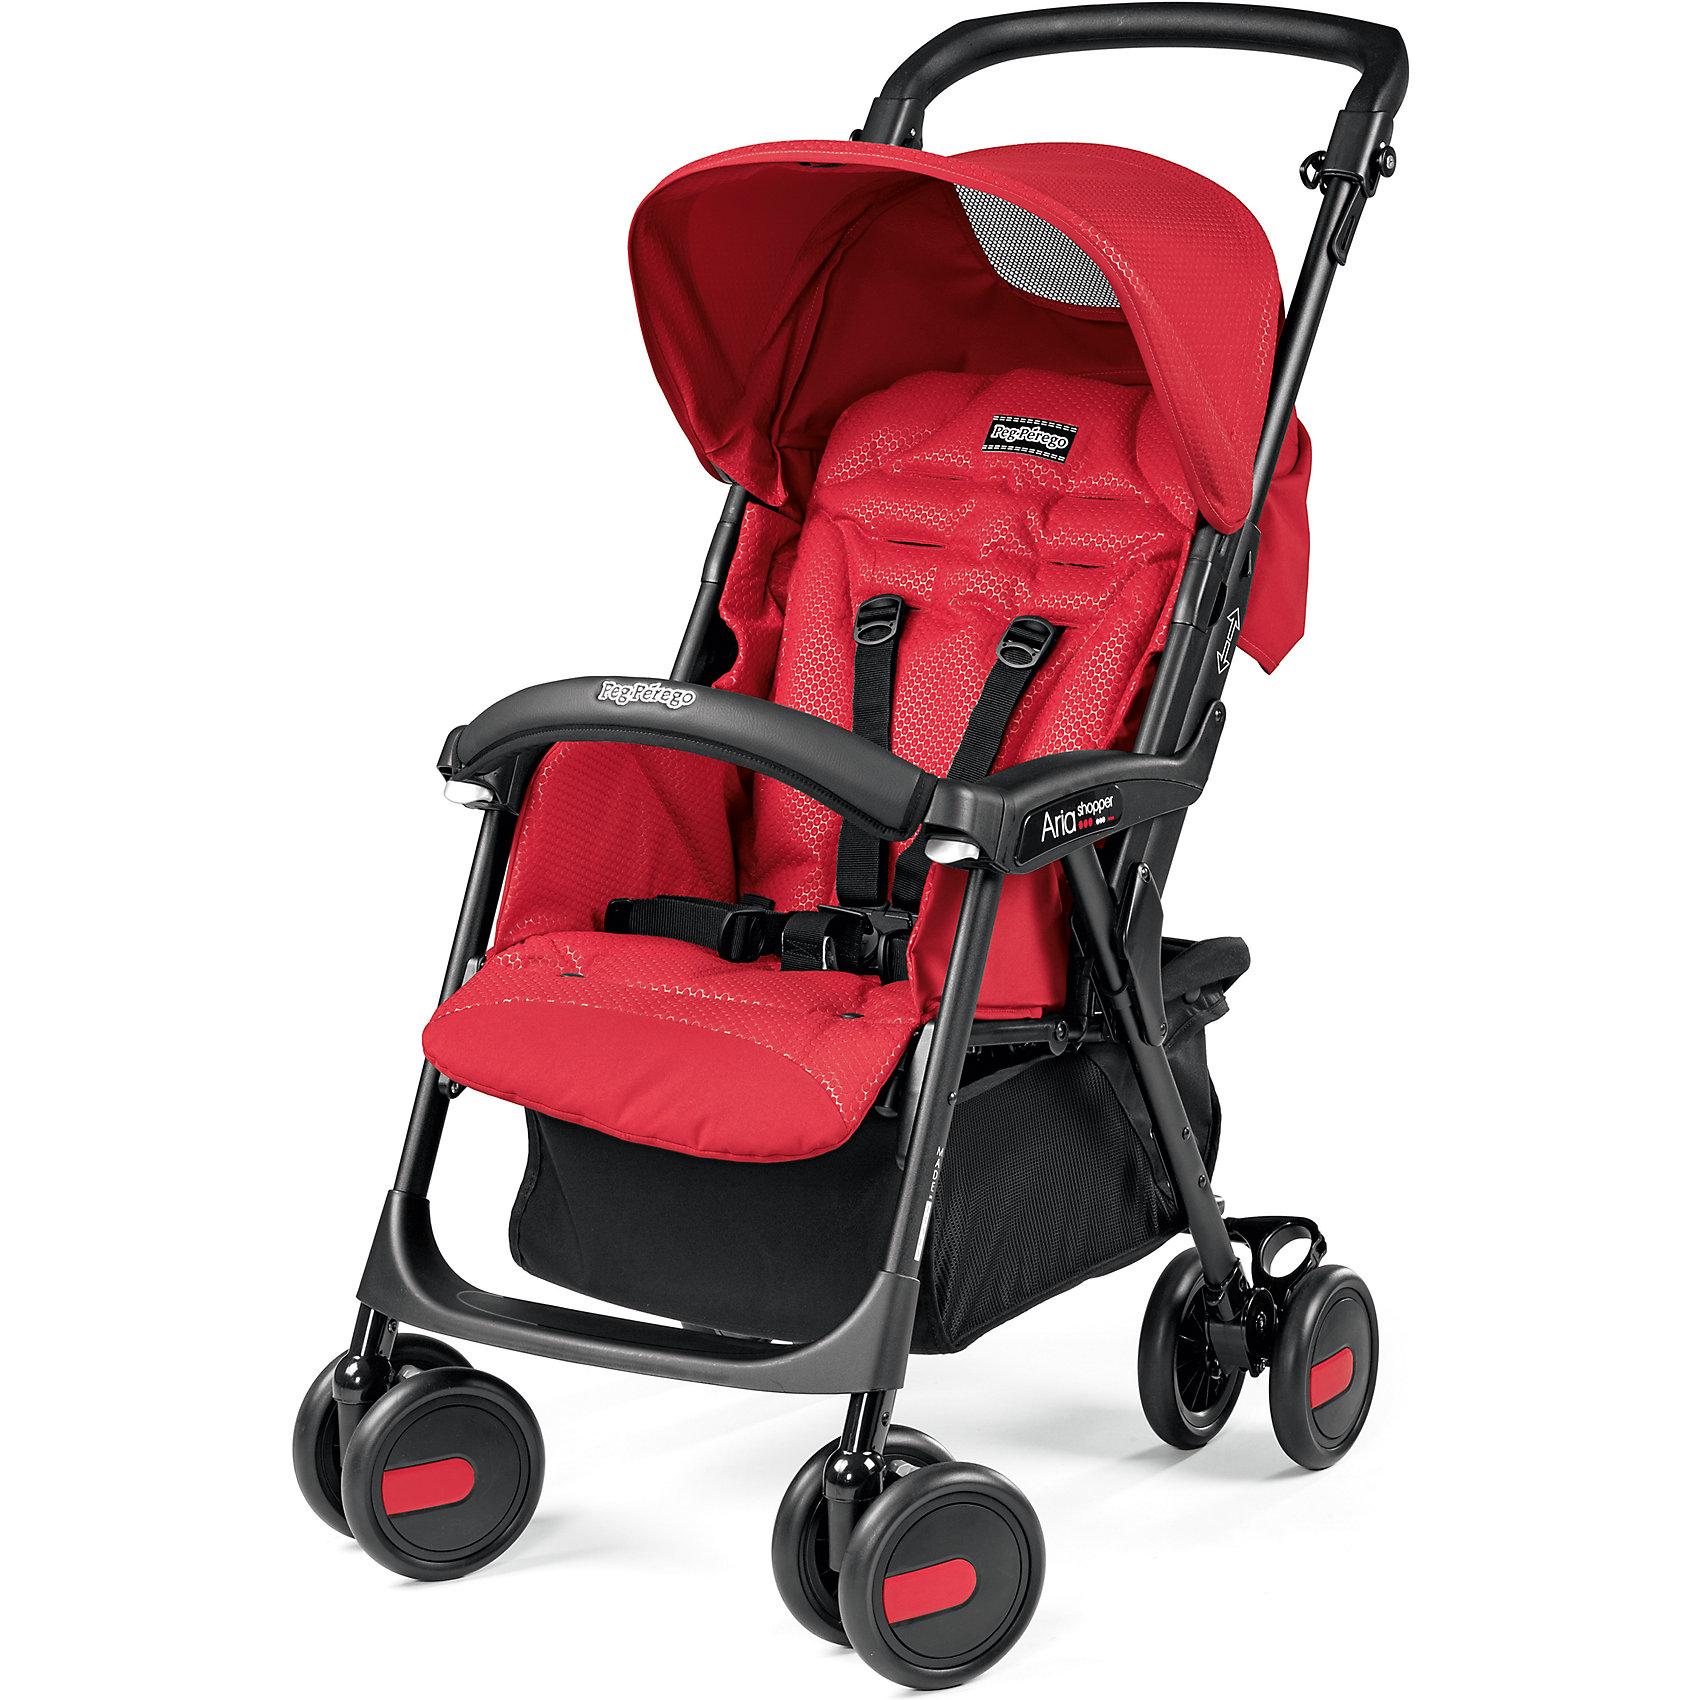 Прогулочная коляска  Aria Shopper, Peg-Perego, Mod RedКоляска детская прогулочная Aria Shopper цвет Mod Red, Peg-Perego (10130010/131216/0031077/1, ИТАЛИЯ)<br><br>Ширина мм: 465<br>Глубина мм: 240<br>Высота мм: 775<br>Вес г: 8700<br>Возраст от месяцев: 6<br>Возраст до месяцев: 36<br>Пол: Унисекс<br>Возраст: Детский<br>SKU: 5489971